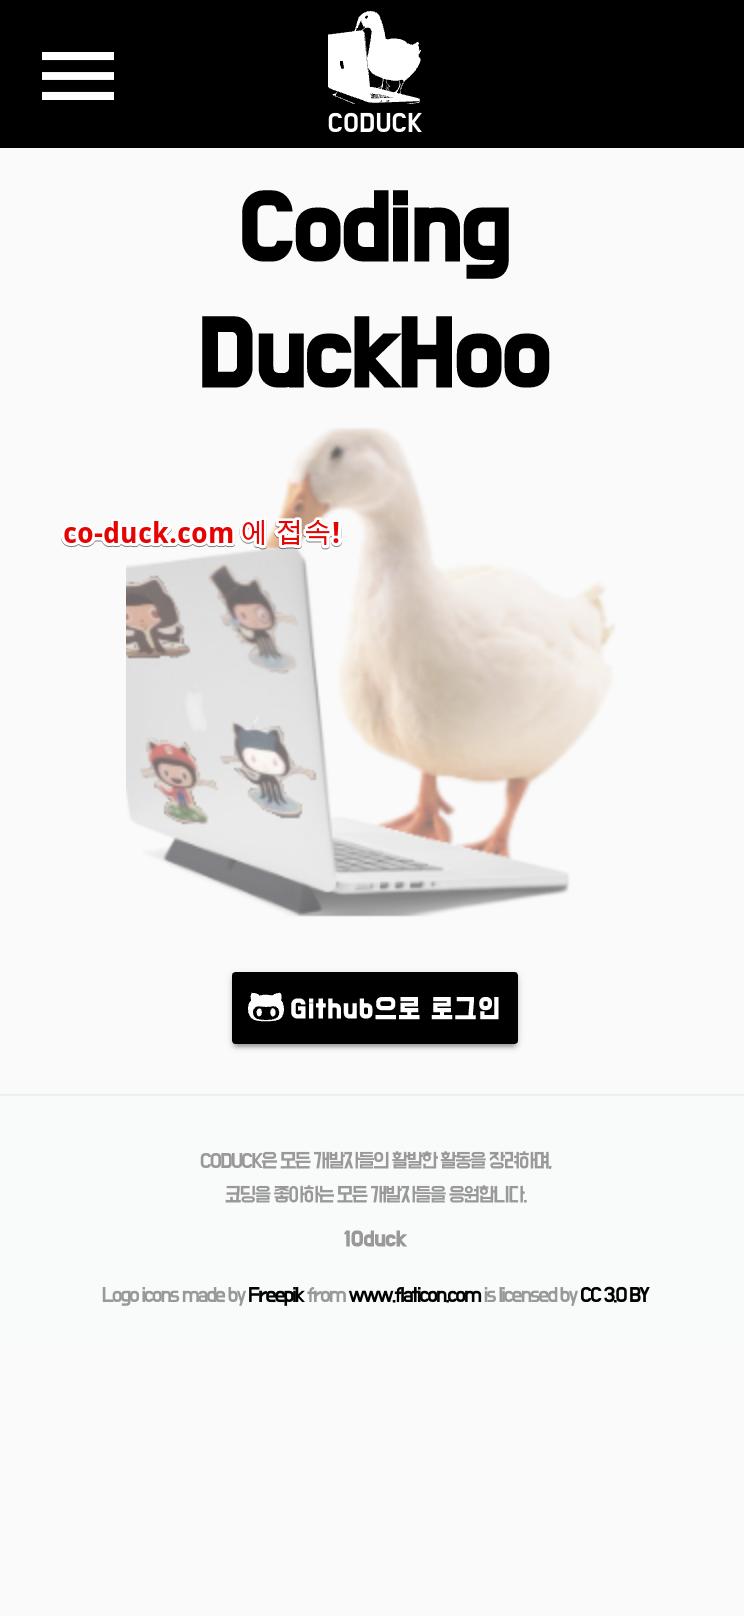 co-duck